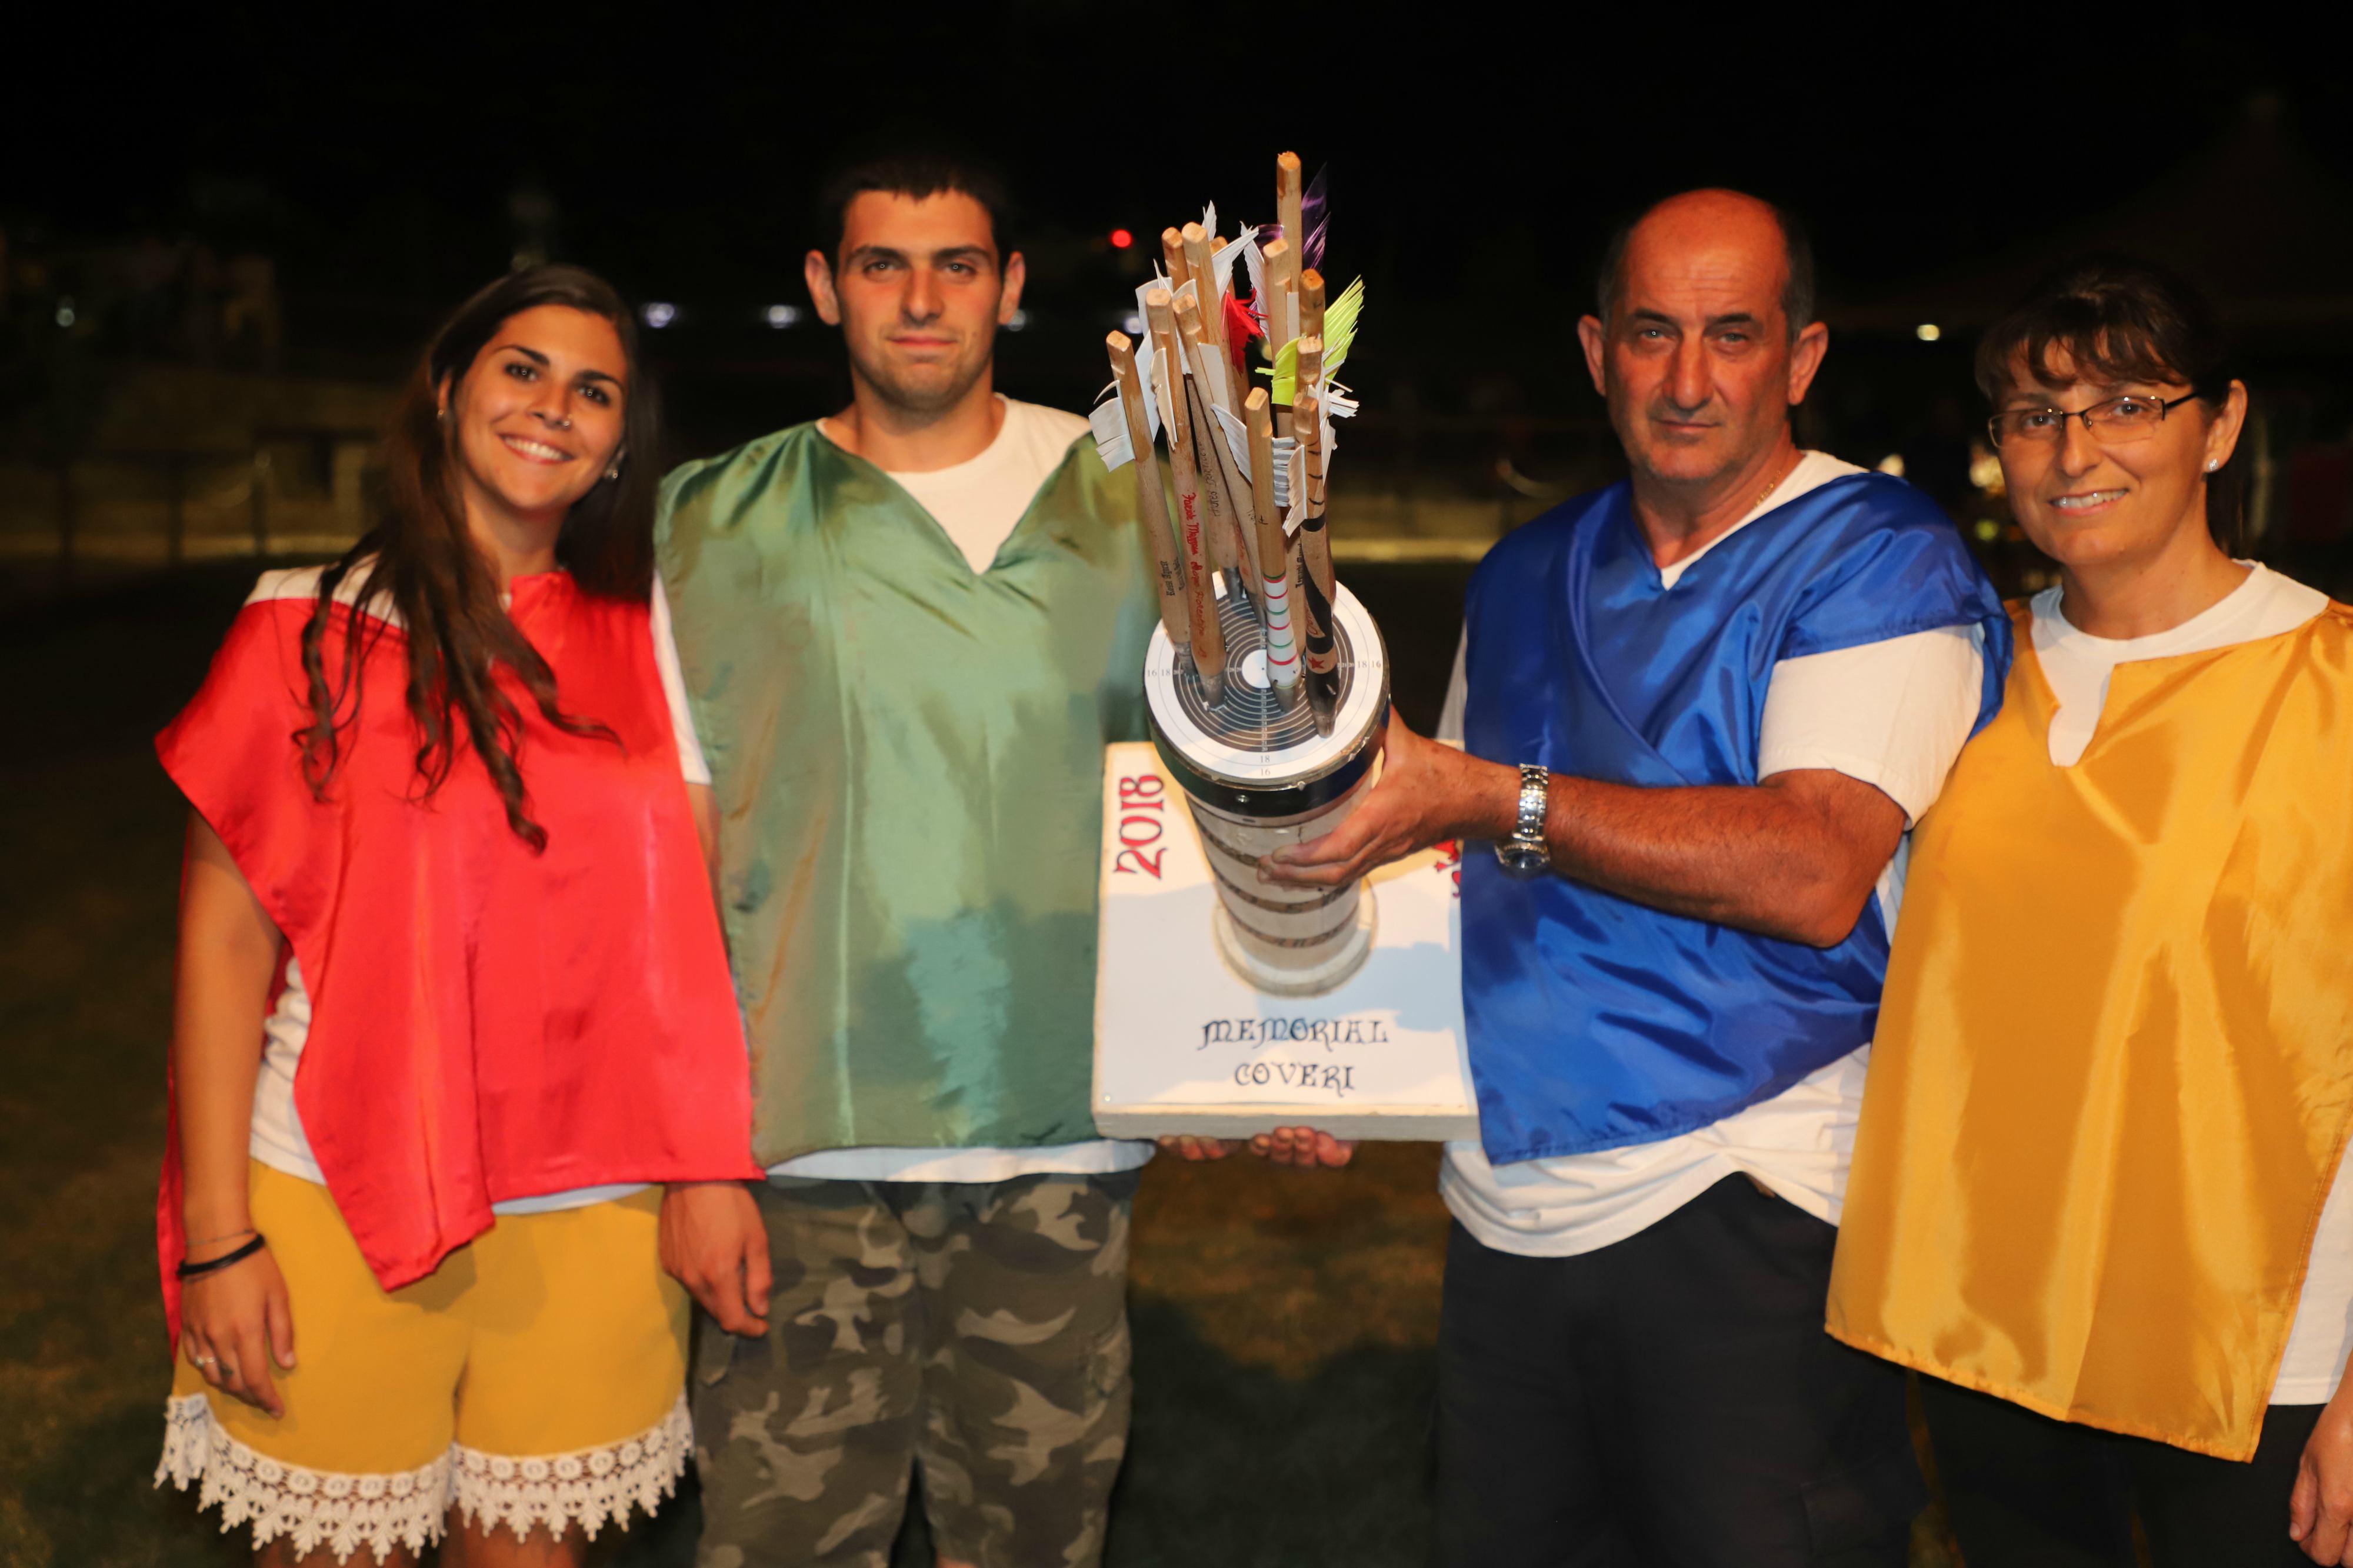 Trofeo-Bastioni-Capitani-con-bersaglio